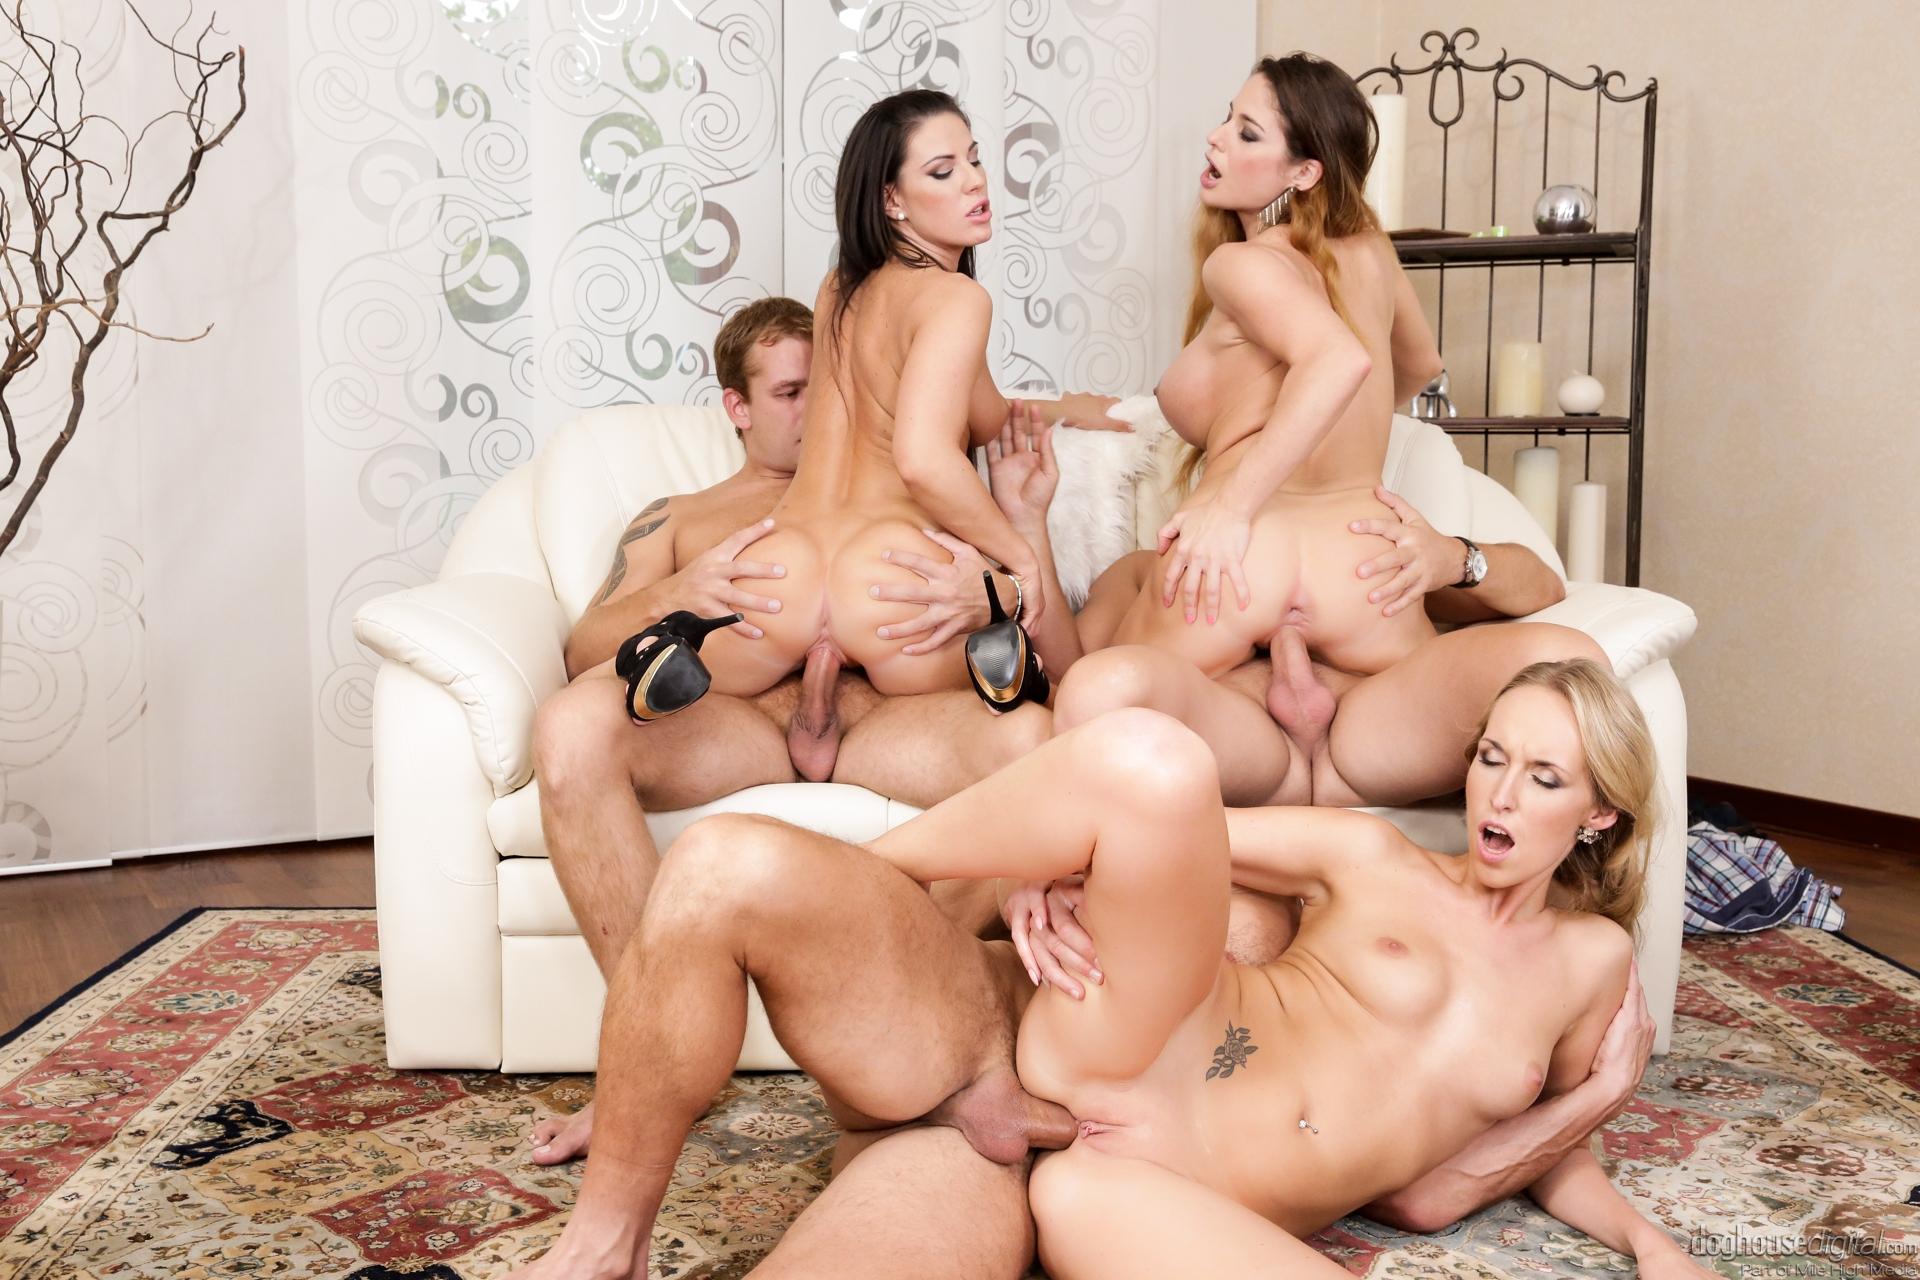 Смотреть бесплатно и без регистрации порнокастинг 14 фотография